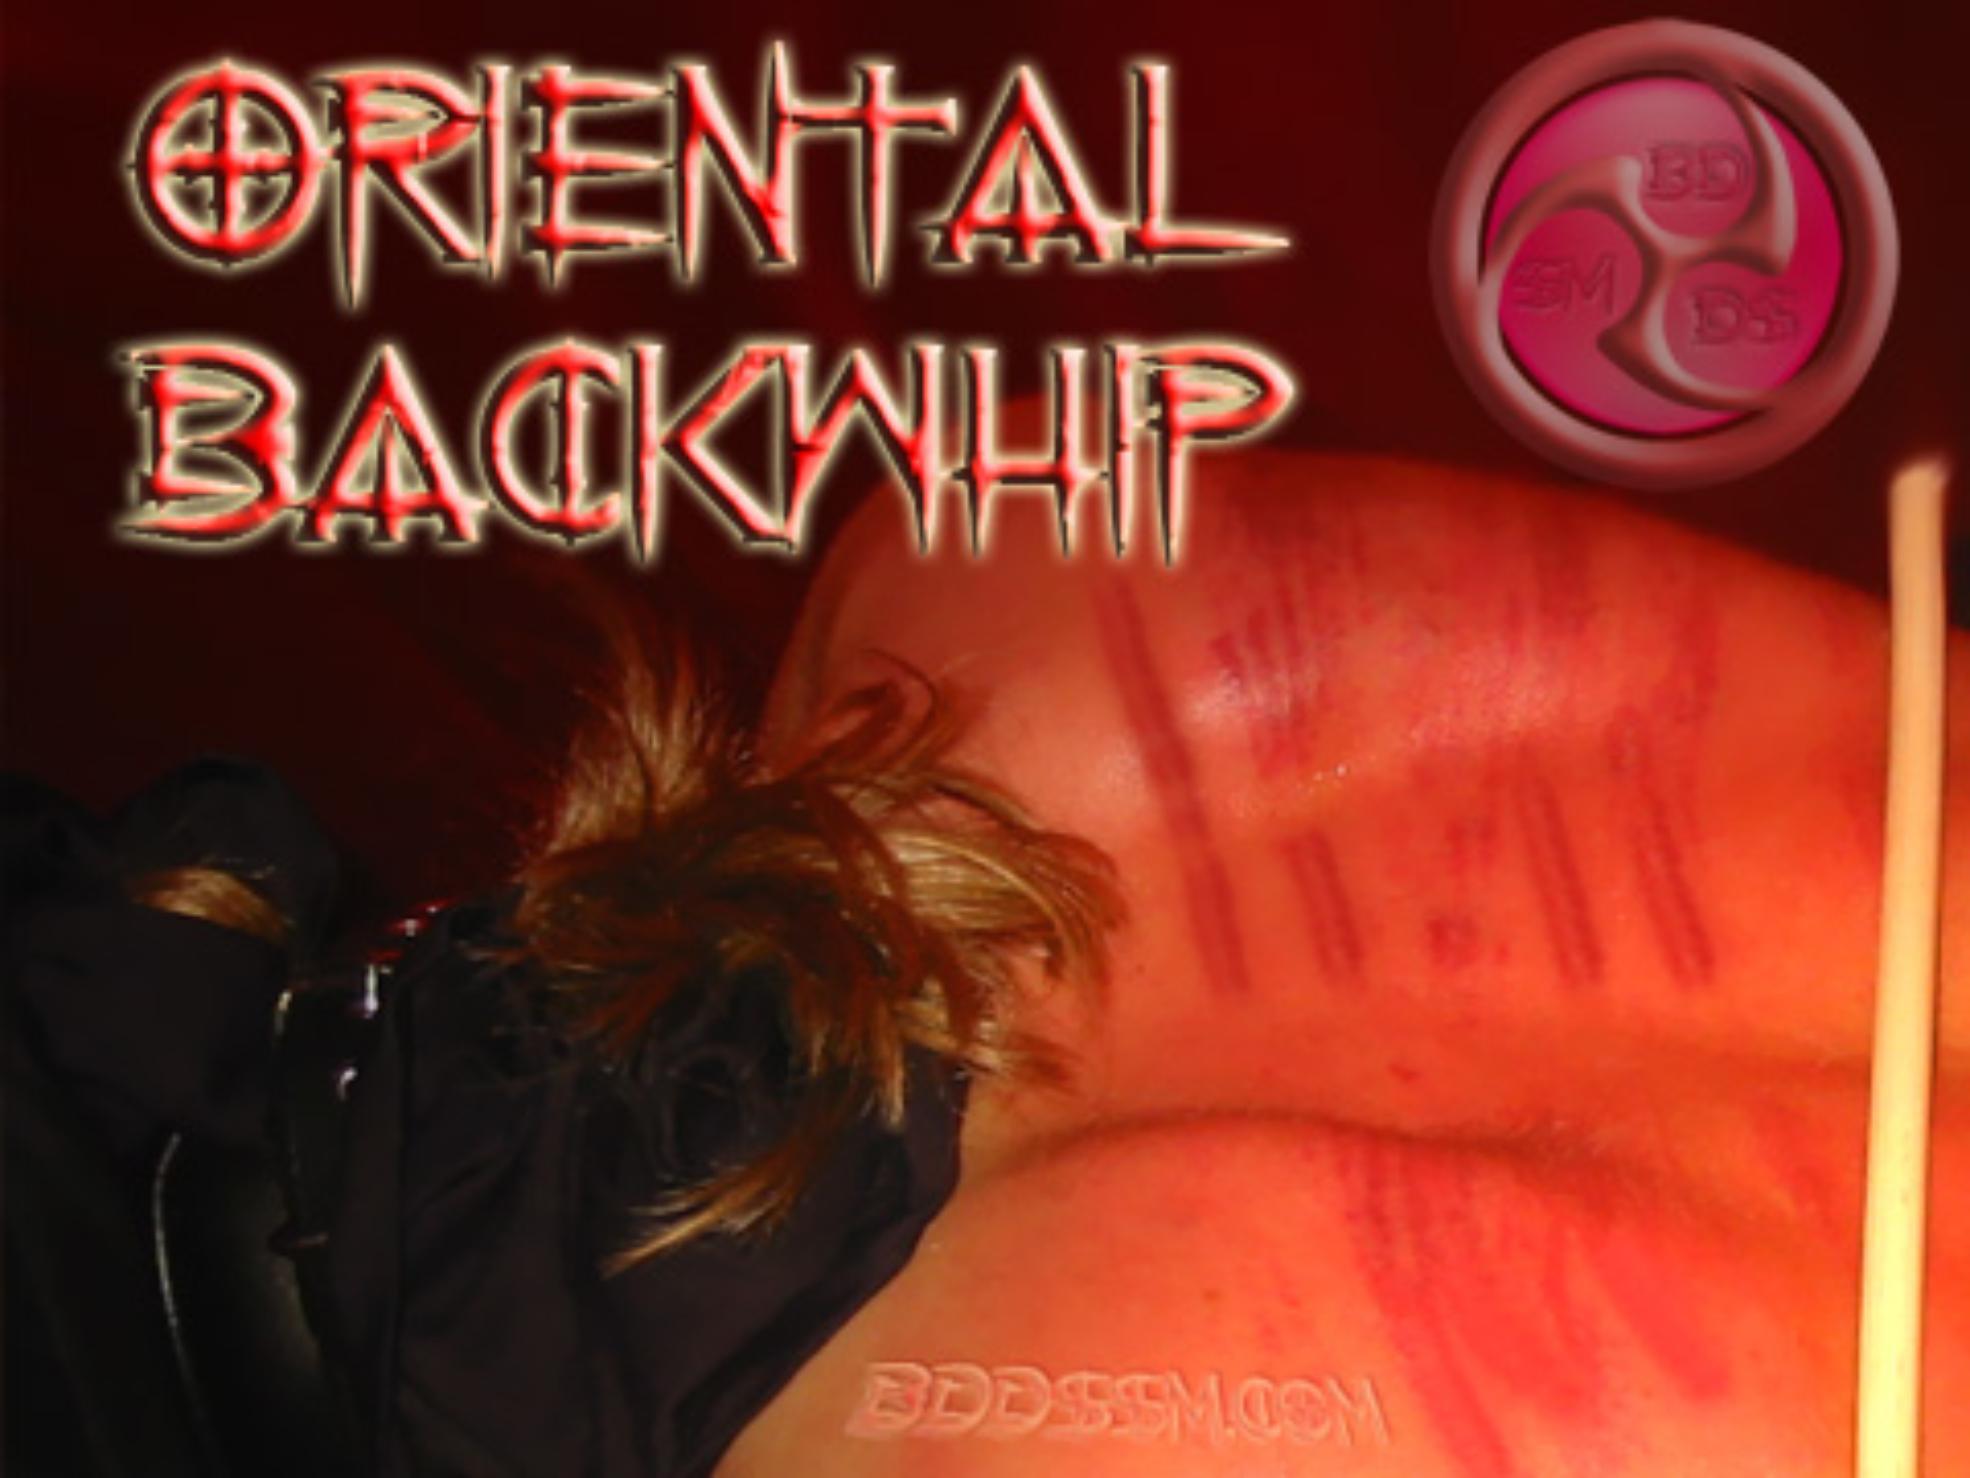 Oriental Backwhip